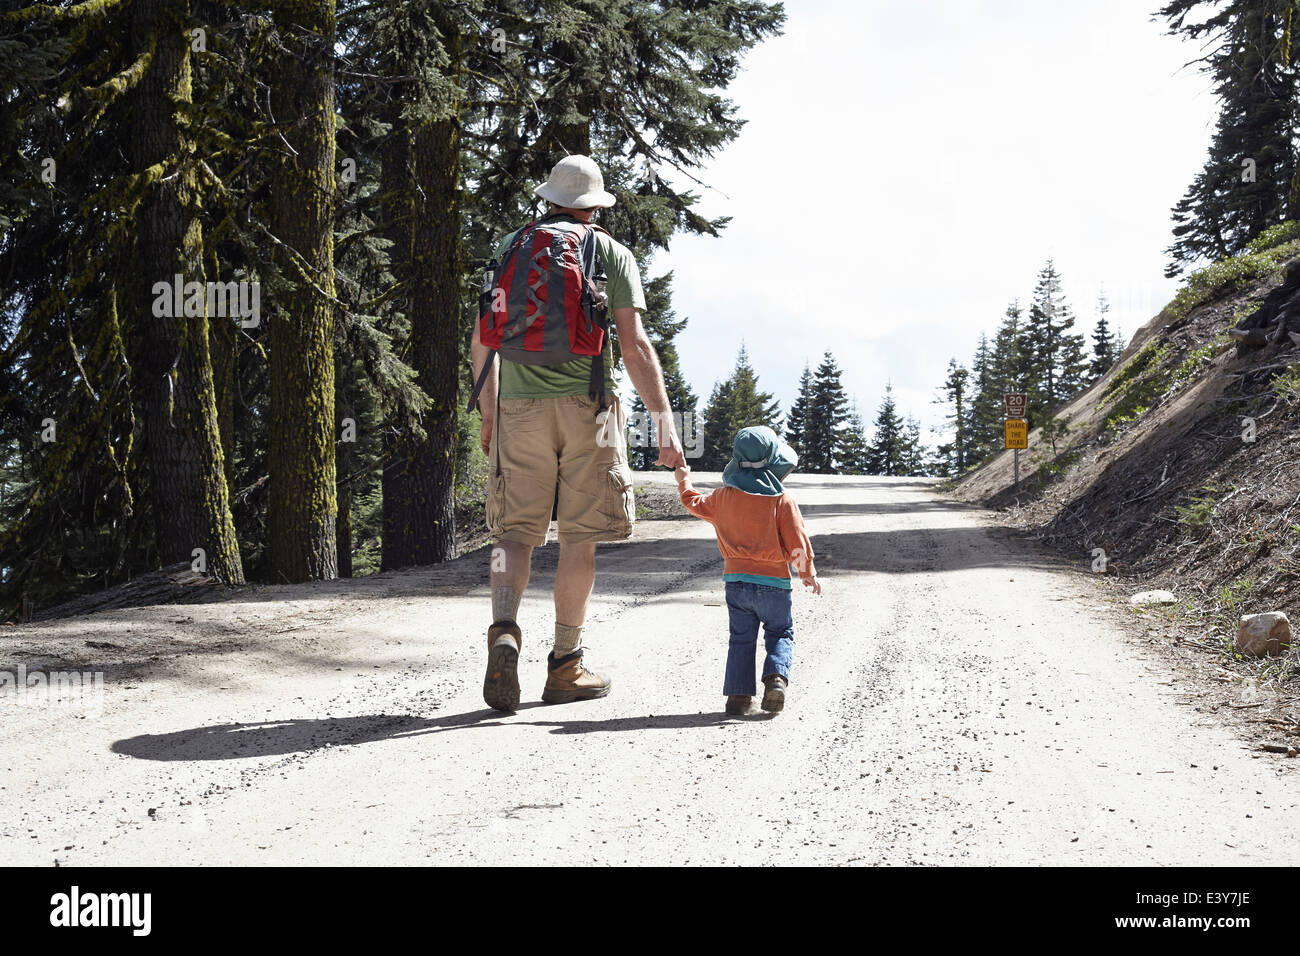 Vista trasera de padre e hija, tomados de la mano caminando a través del bosque de Oregón, EE.UU. Imagen De Stock